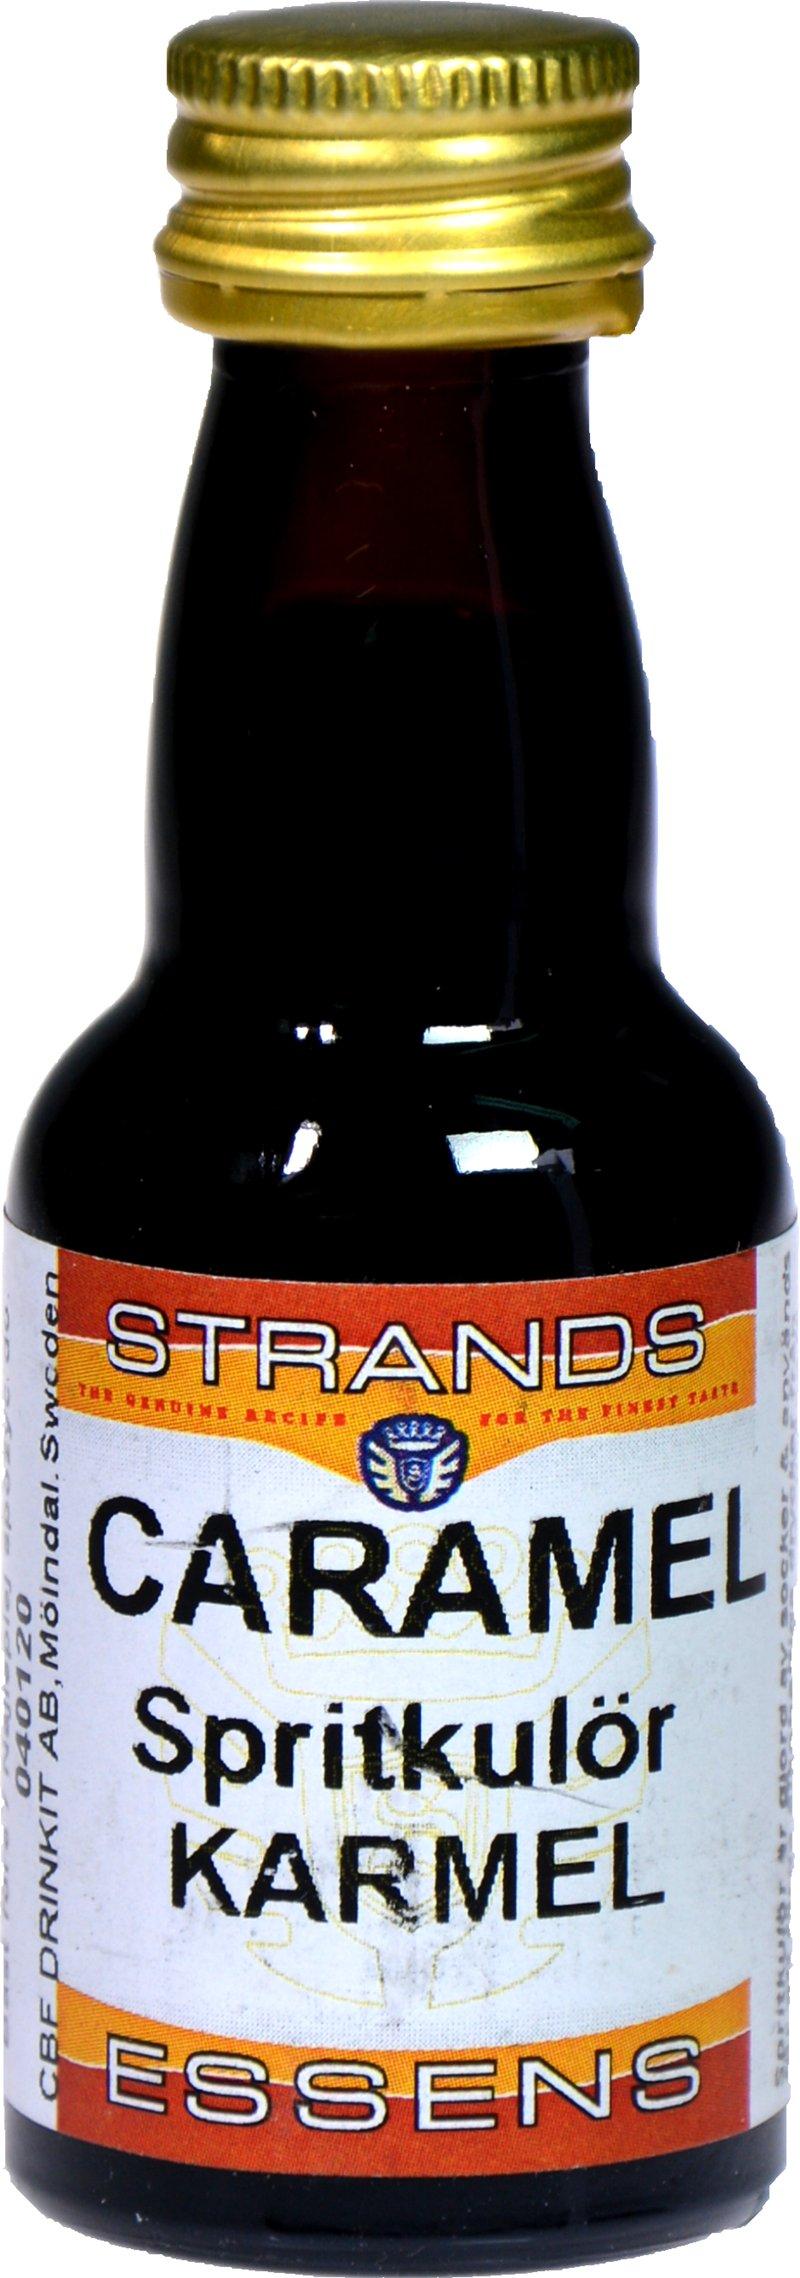 Zaprawka Strands CARAMEL przepalanka 25ml karmel